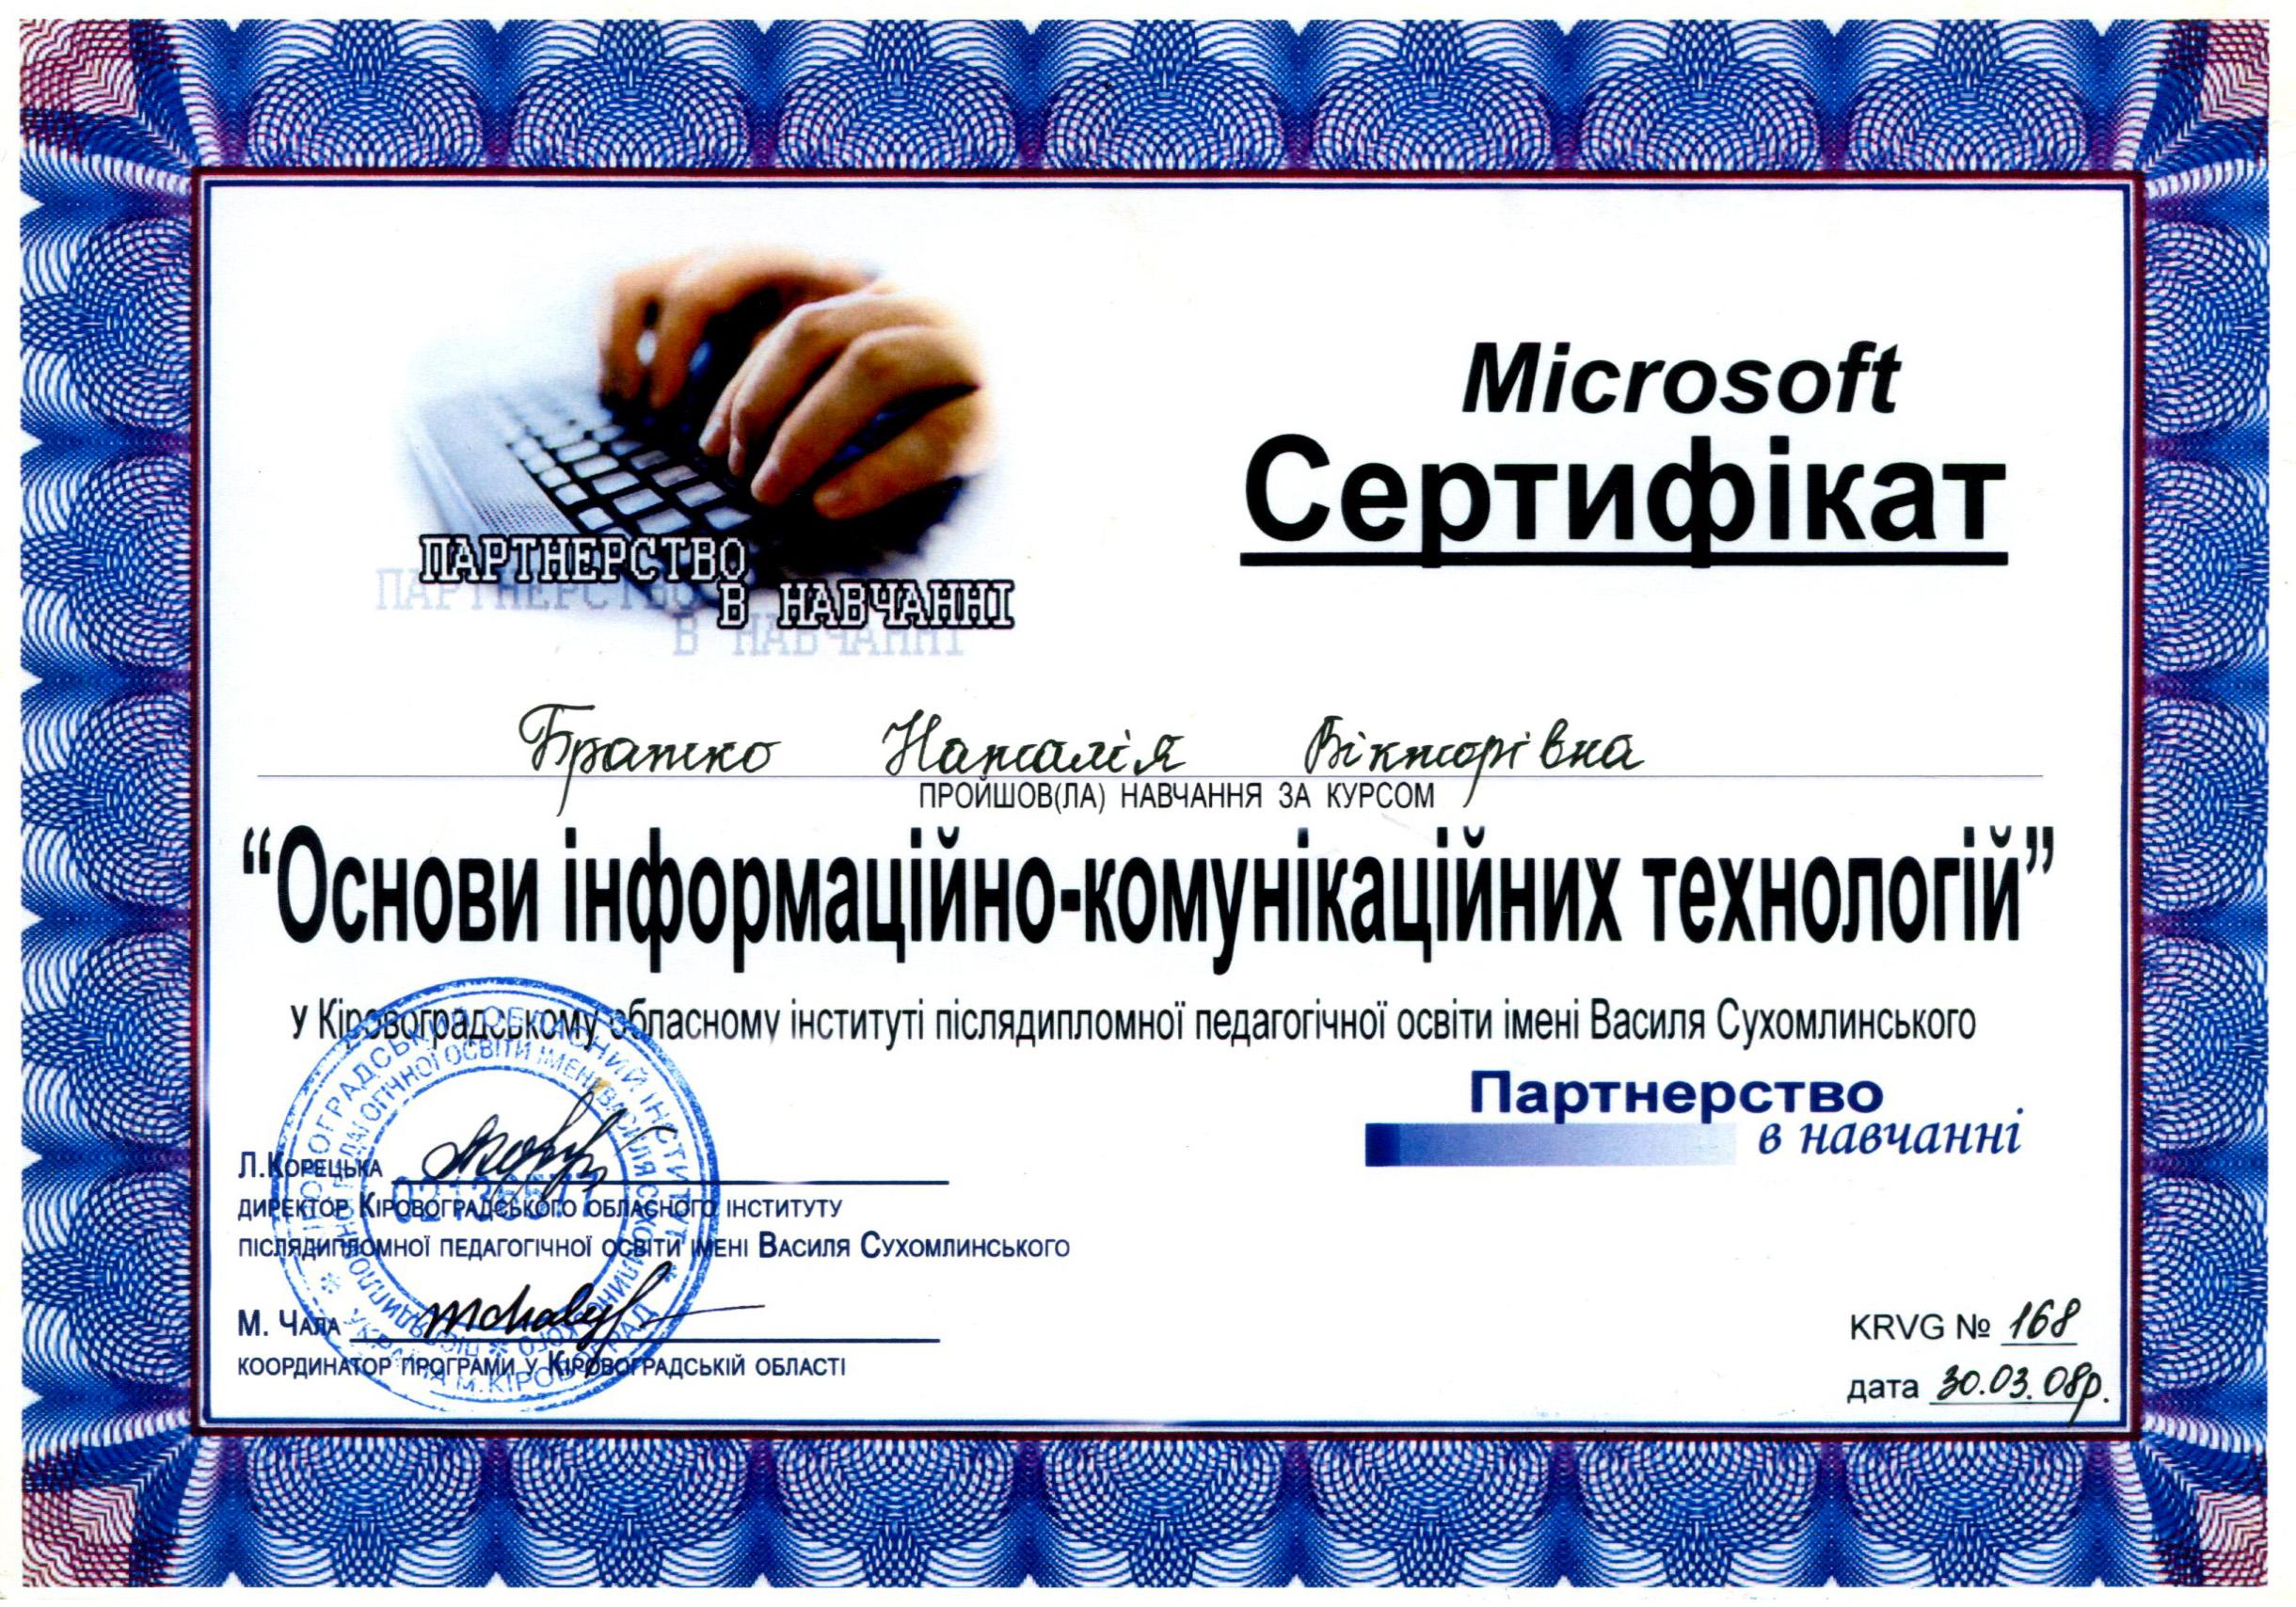 20080330_certificate-microsoft